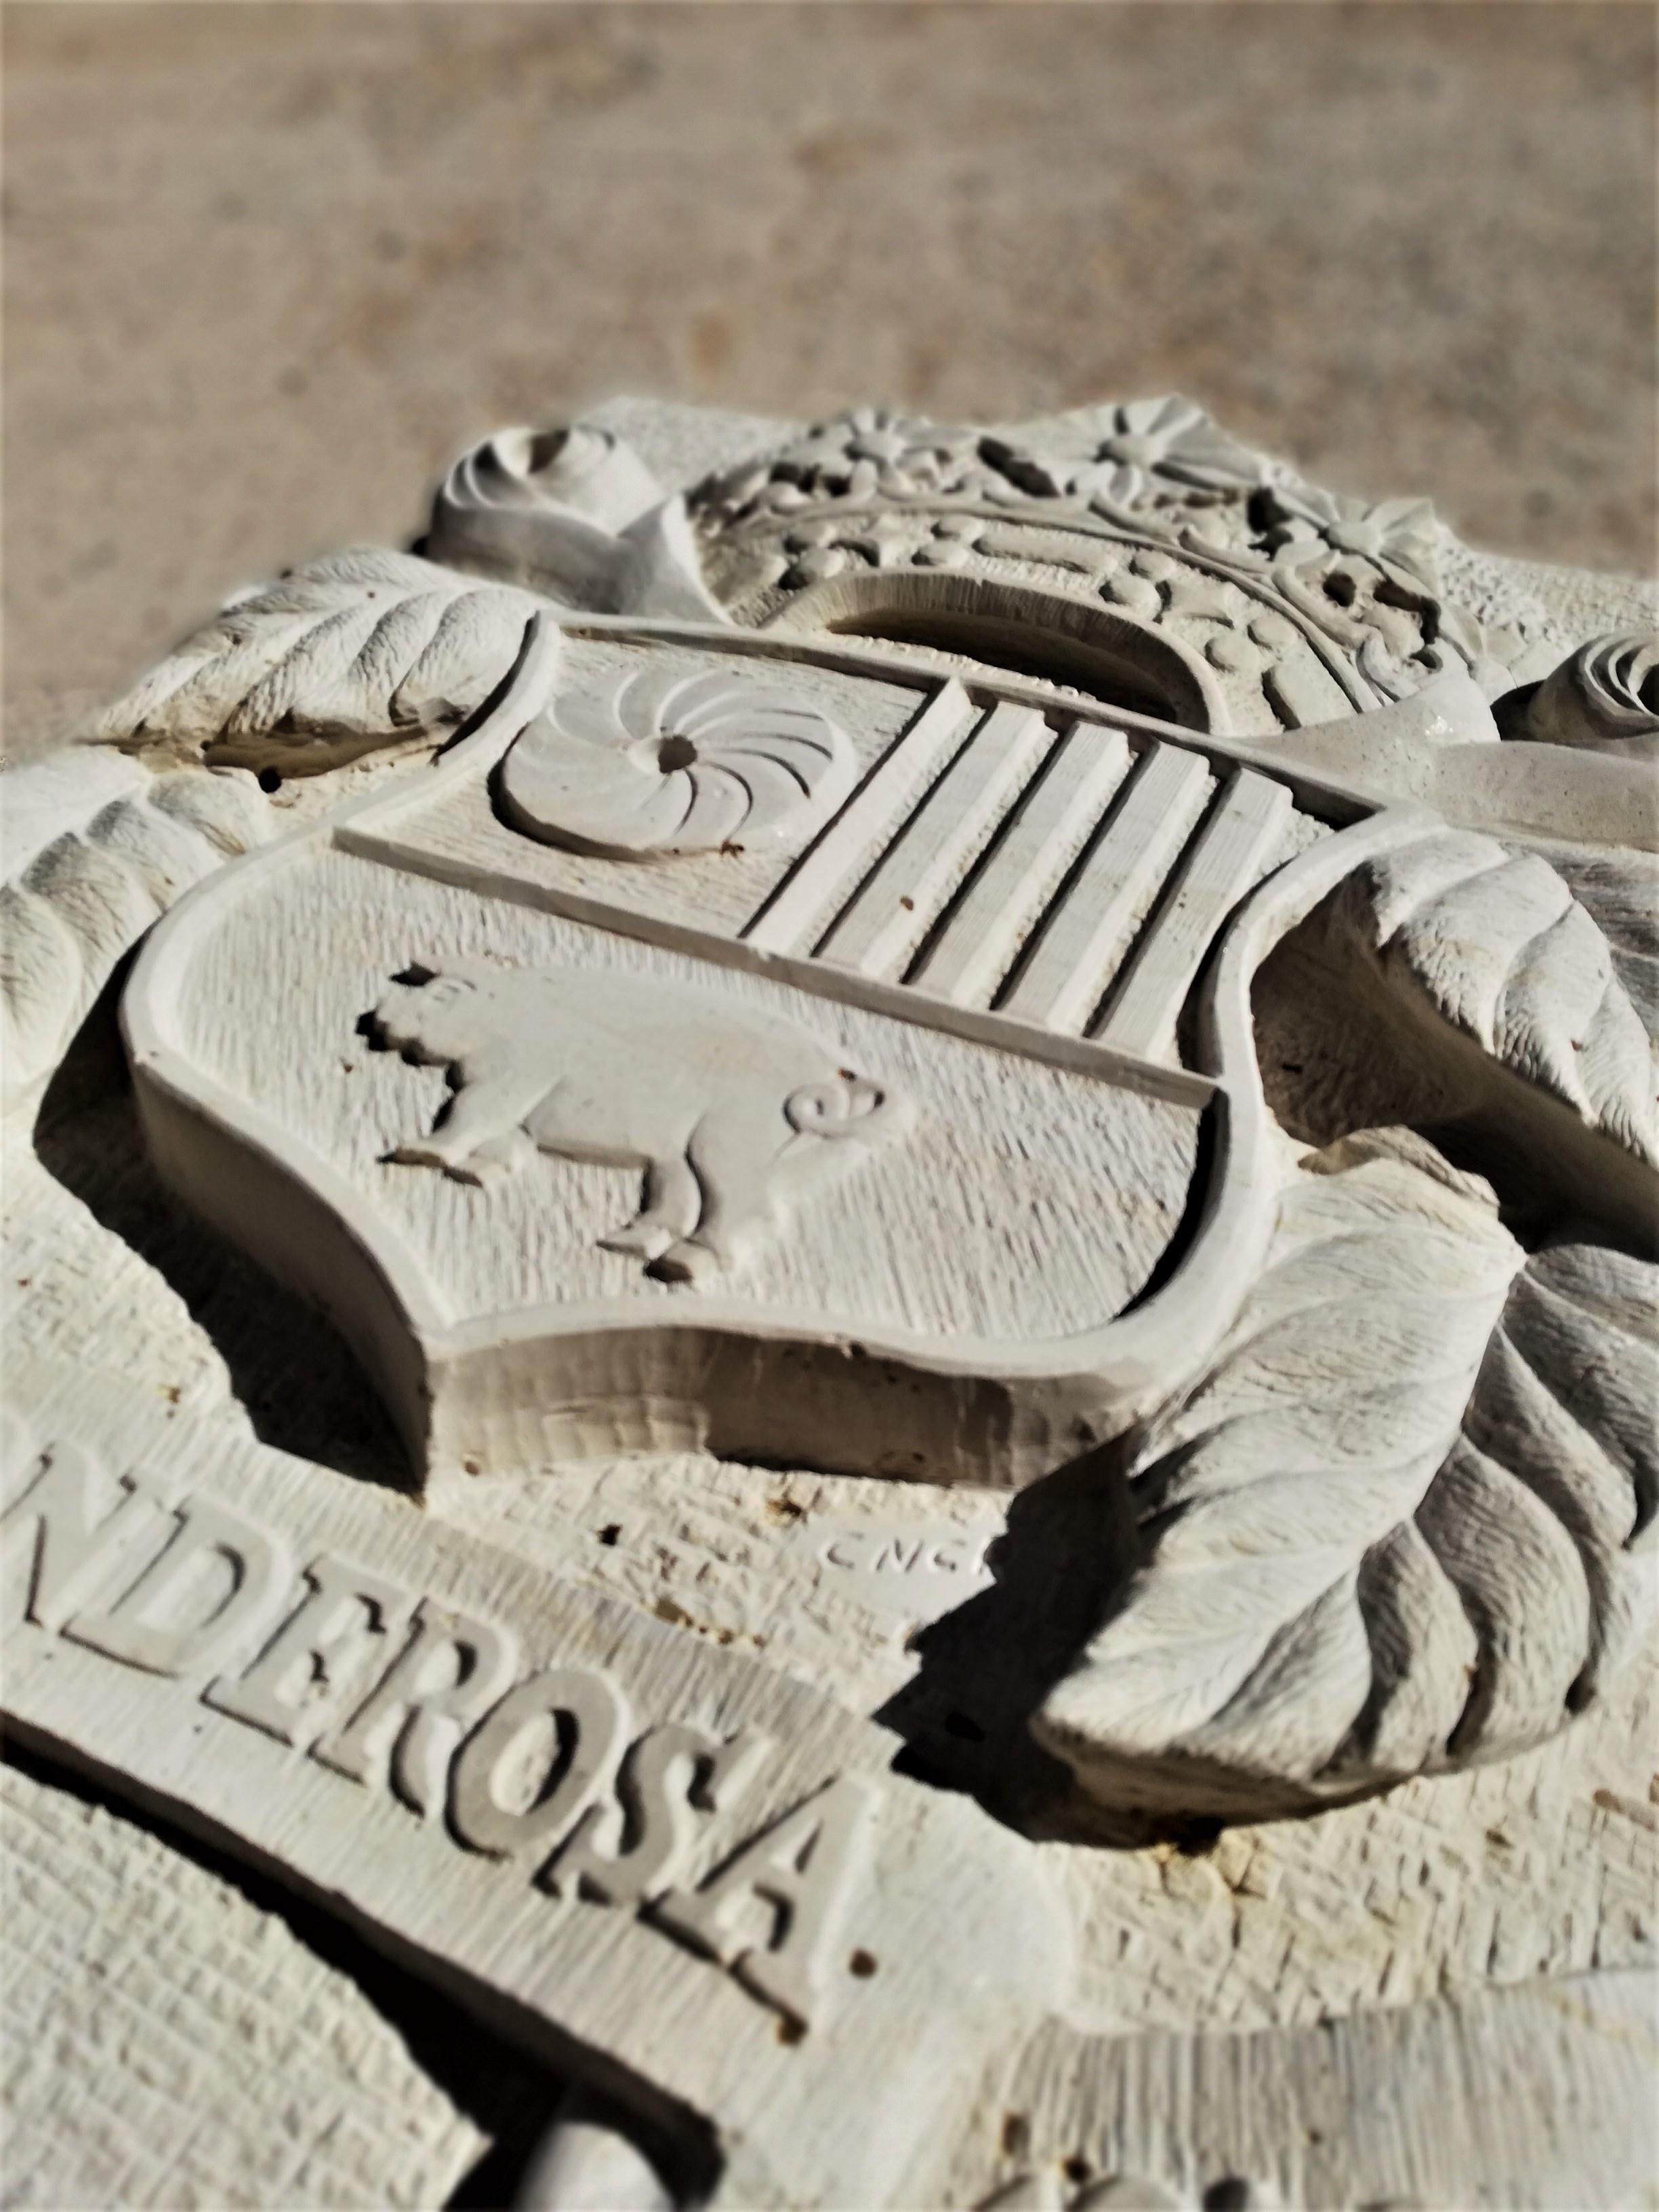 Escudo-la ponderosa-molinos-piedra-artes